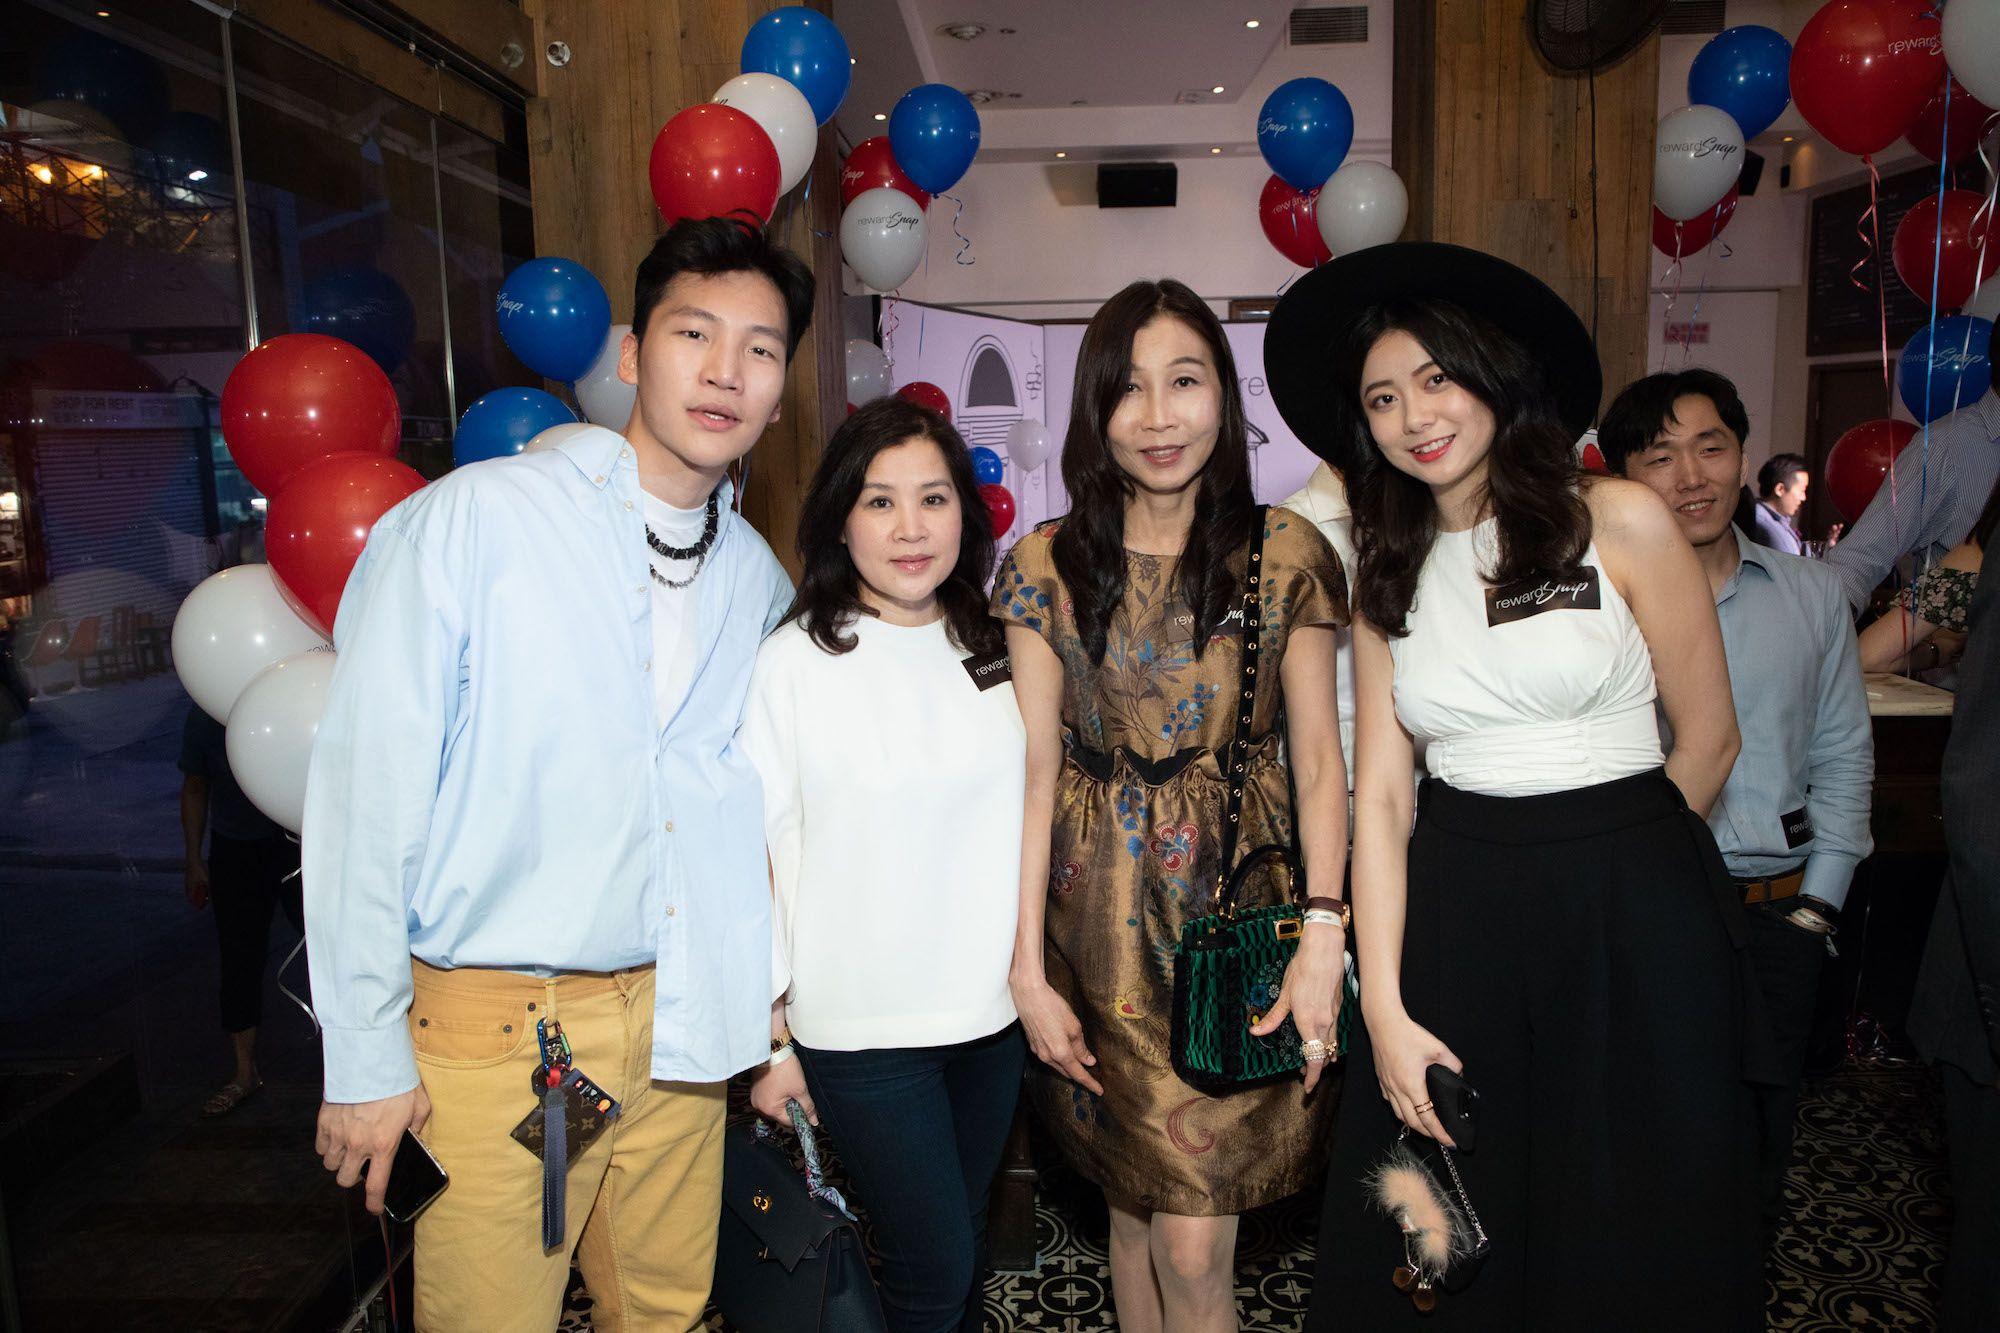 Koh Li Tim, Esther Tan, Joyce Lim, Mimi Chen